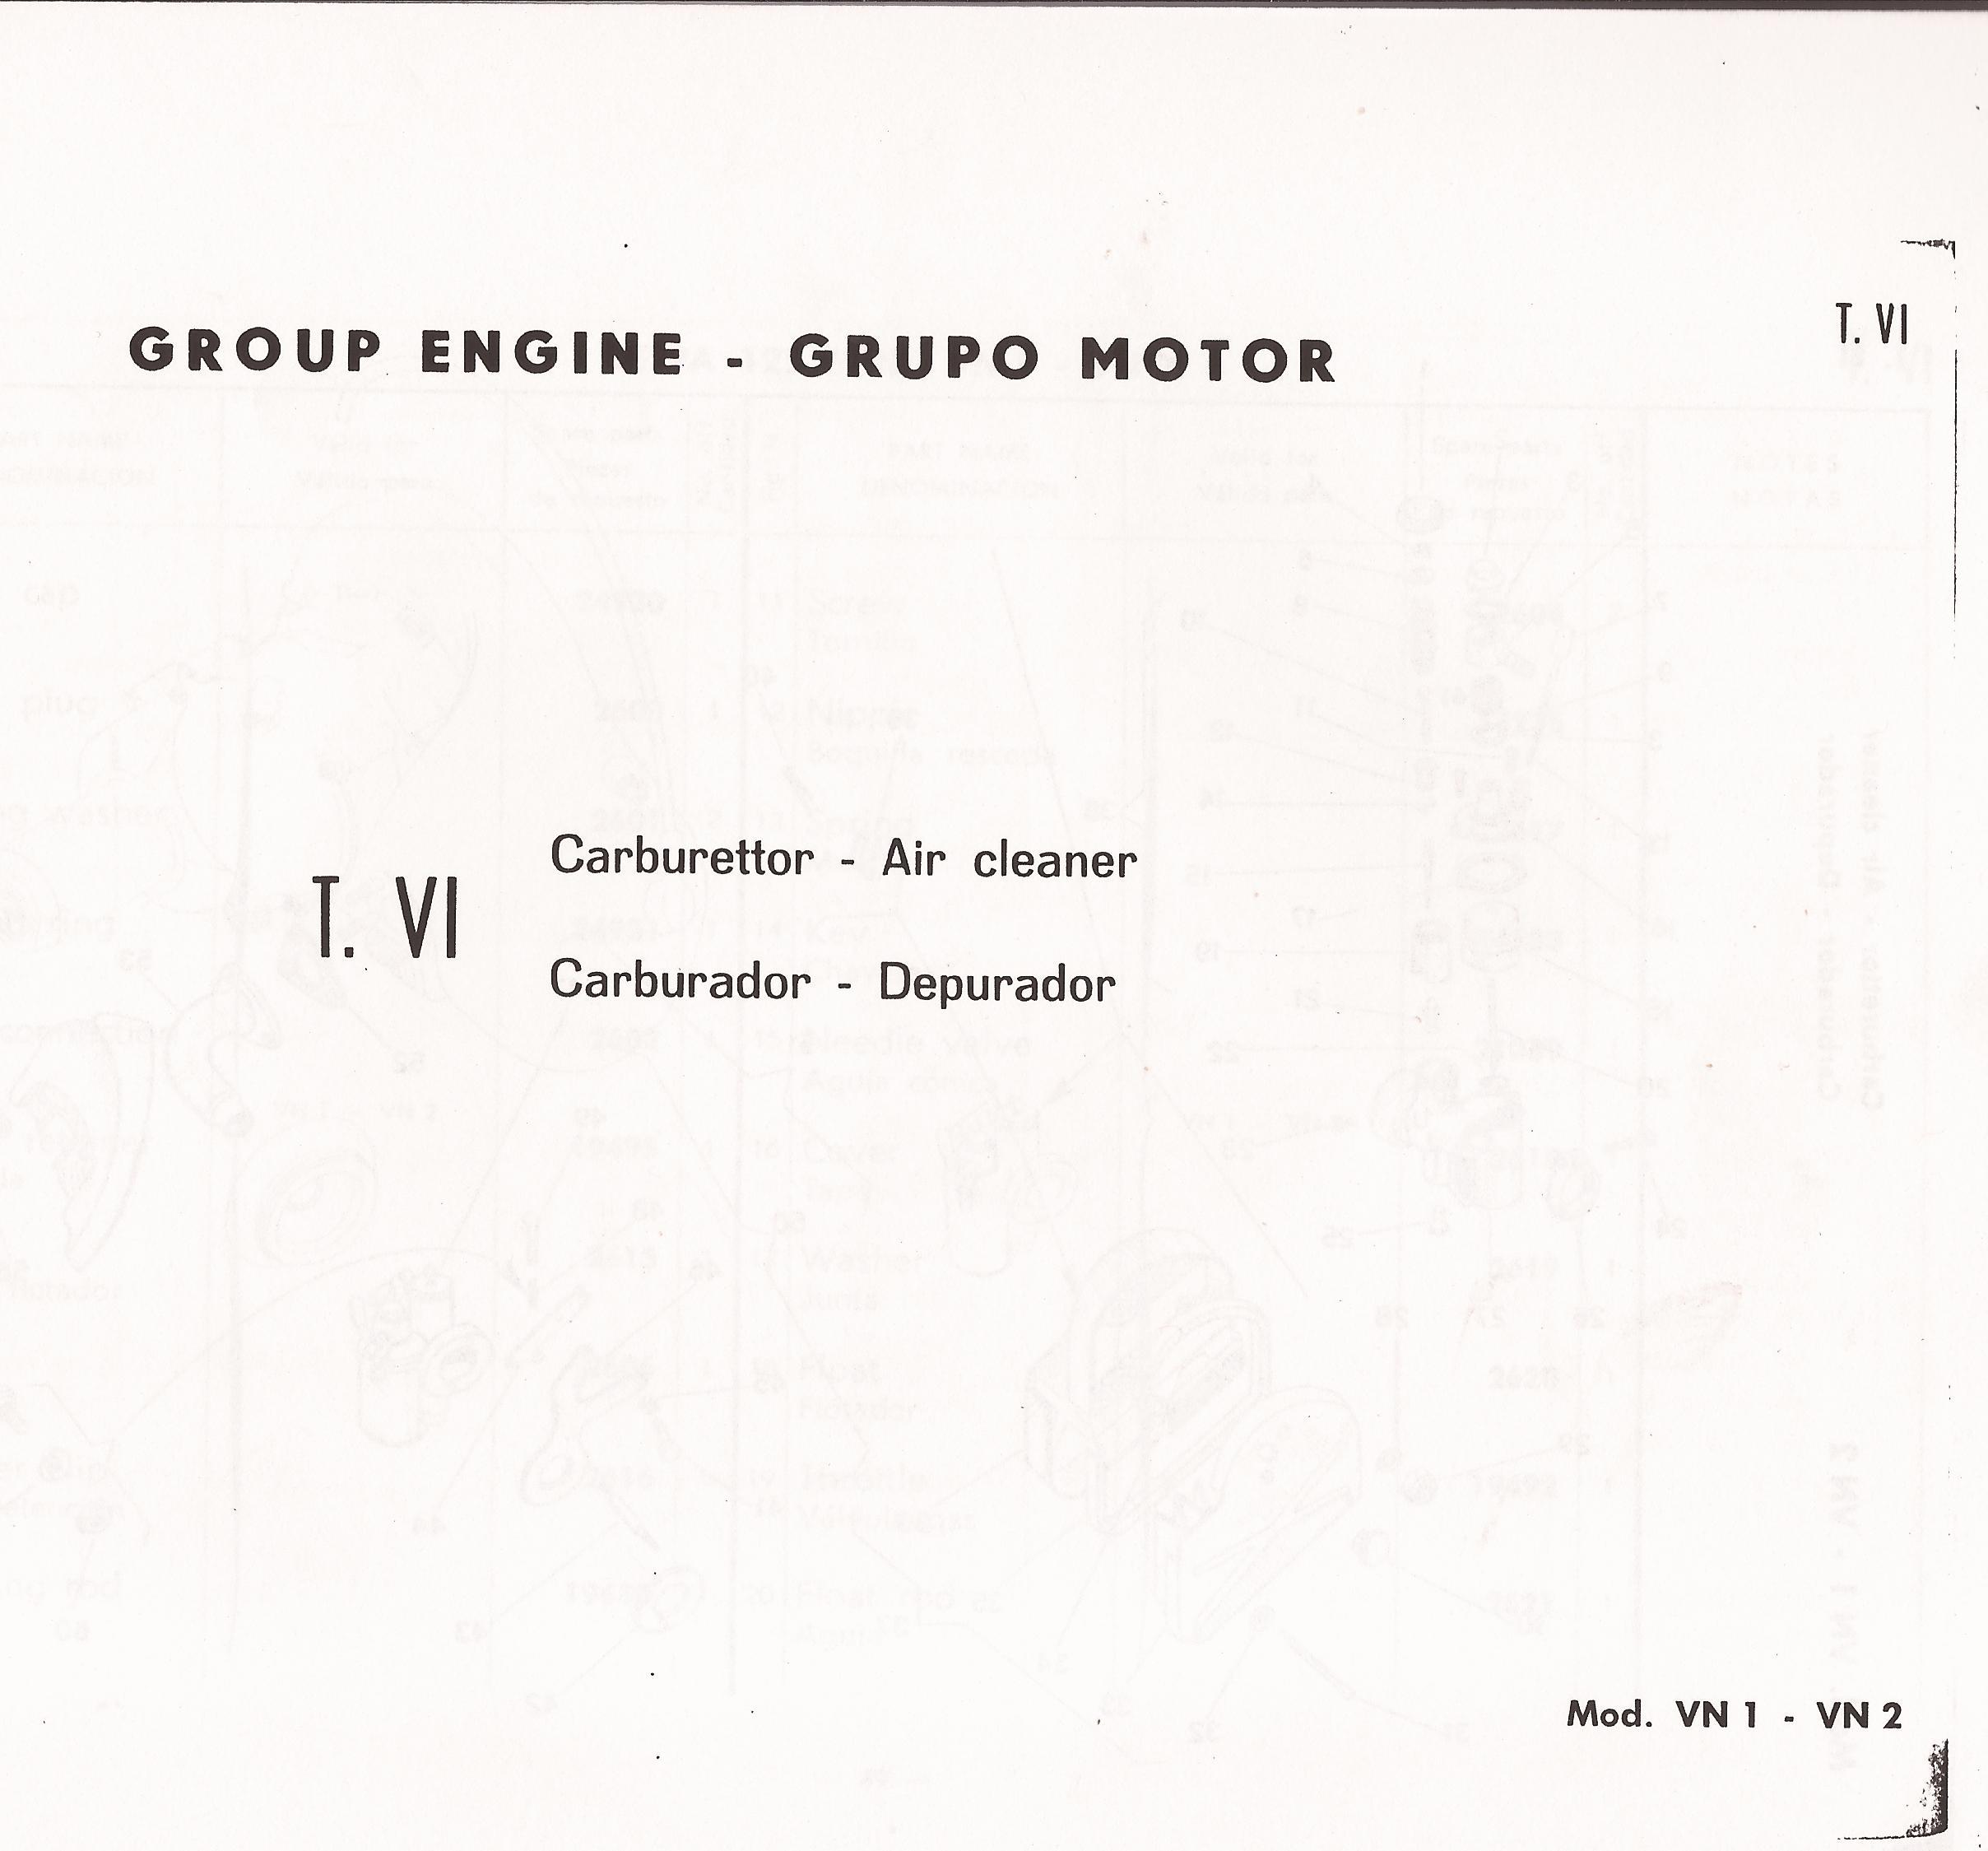 07-16-2013 vespa 125 catalog manuel 51.jpg